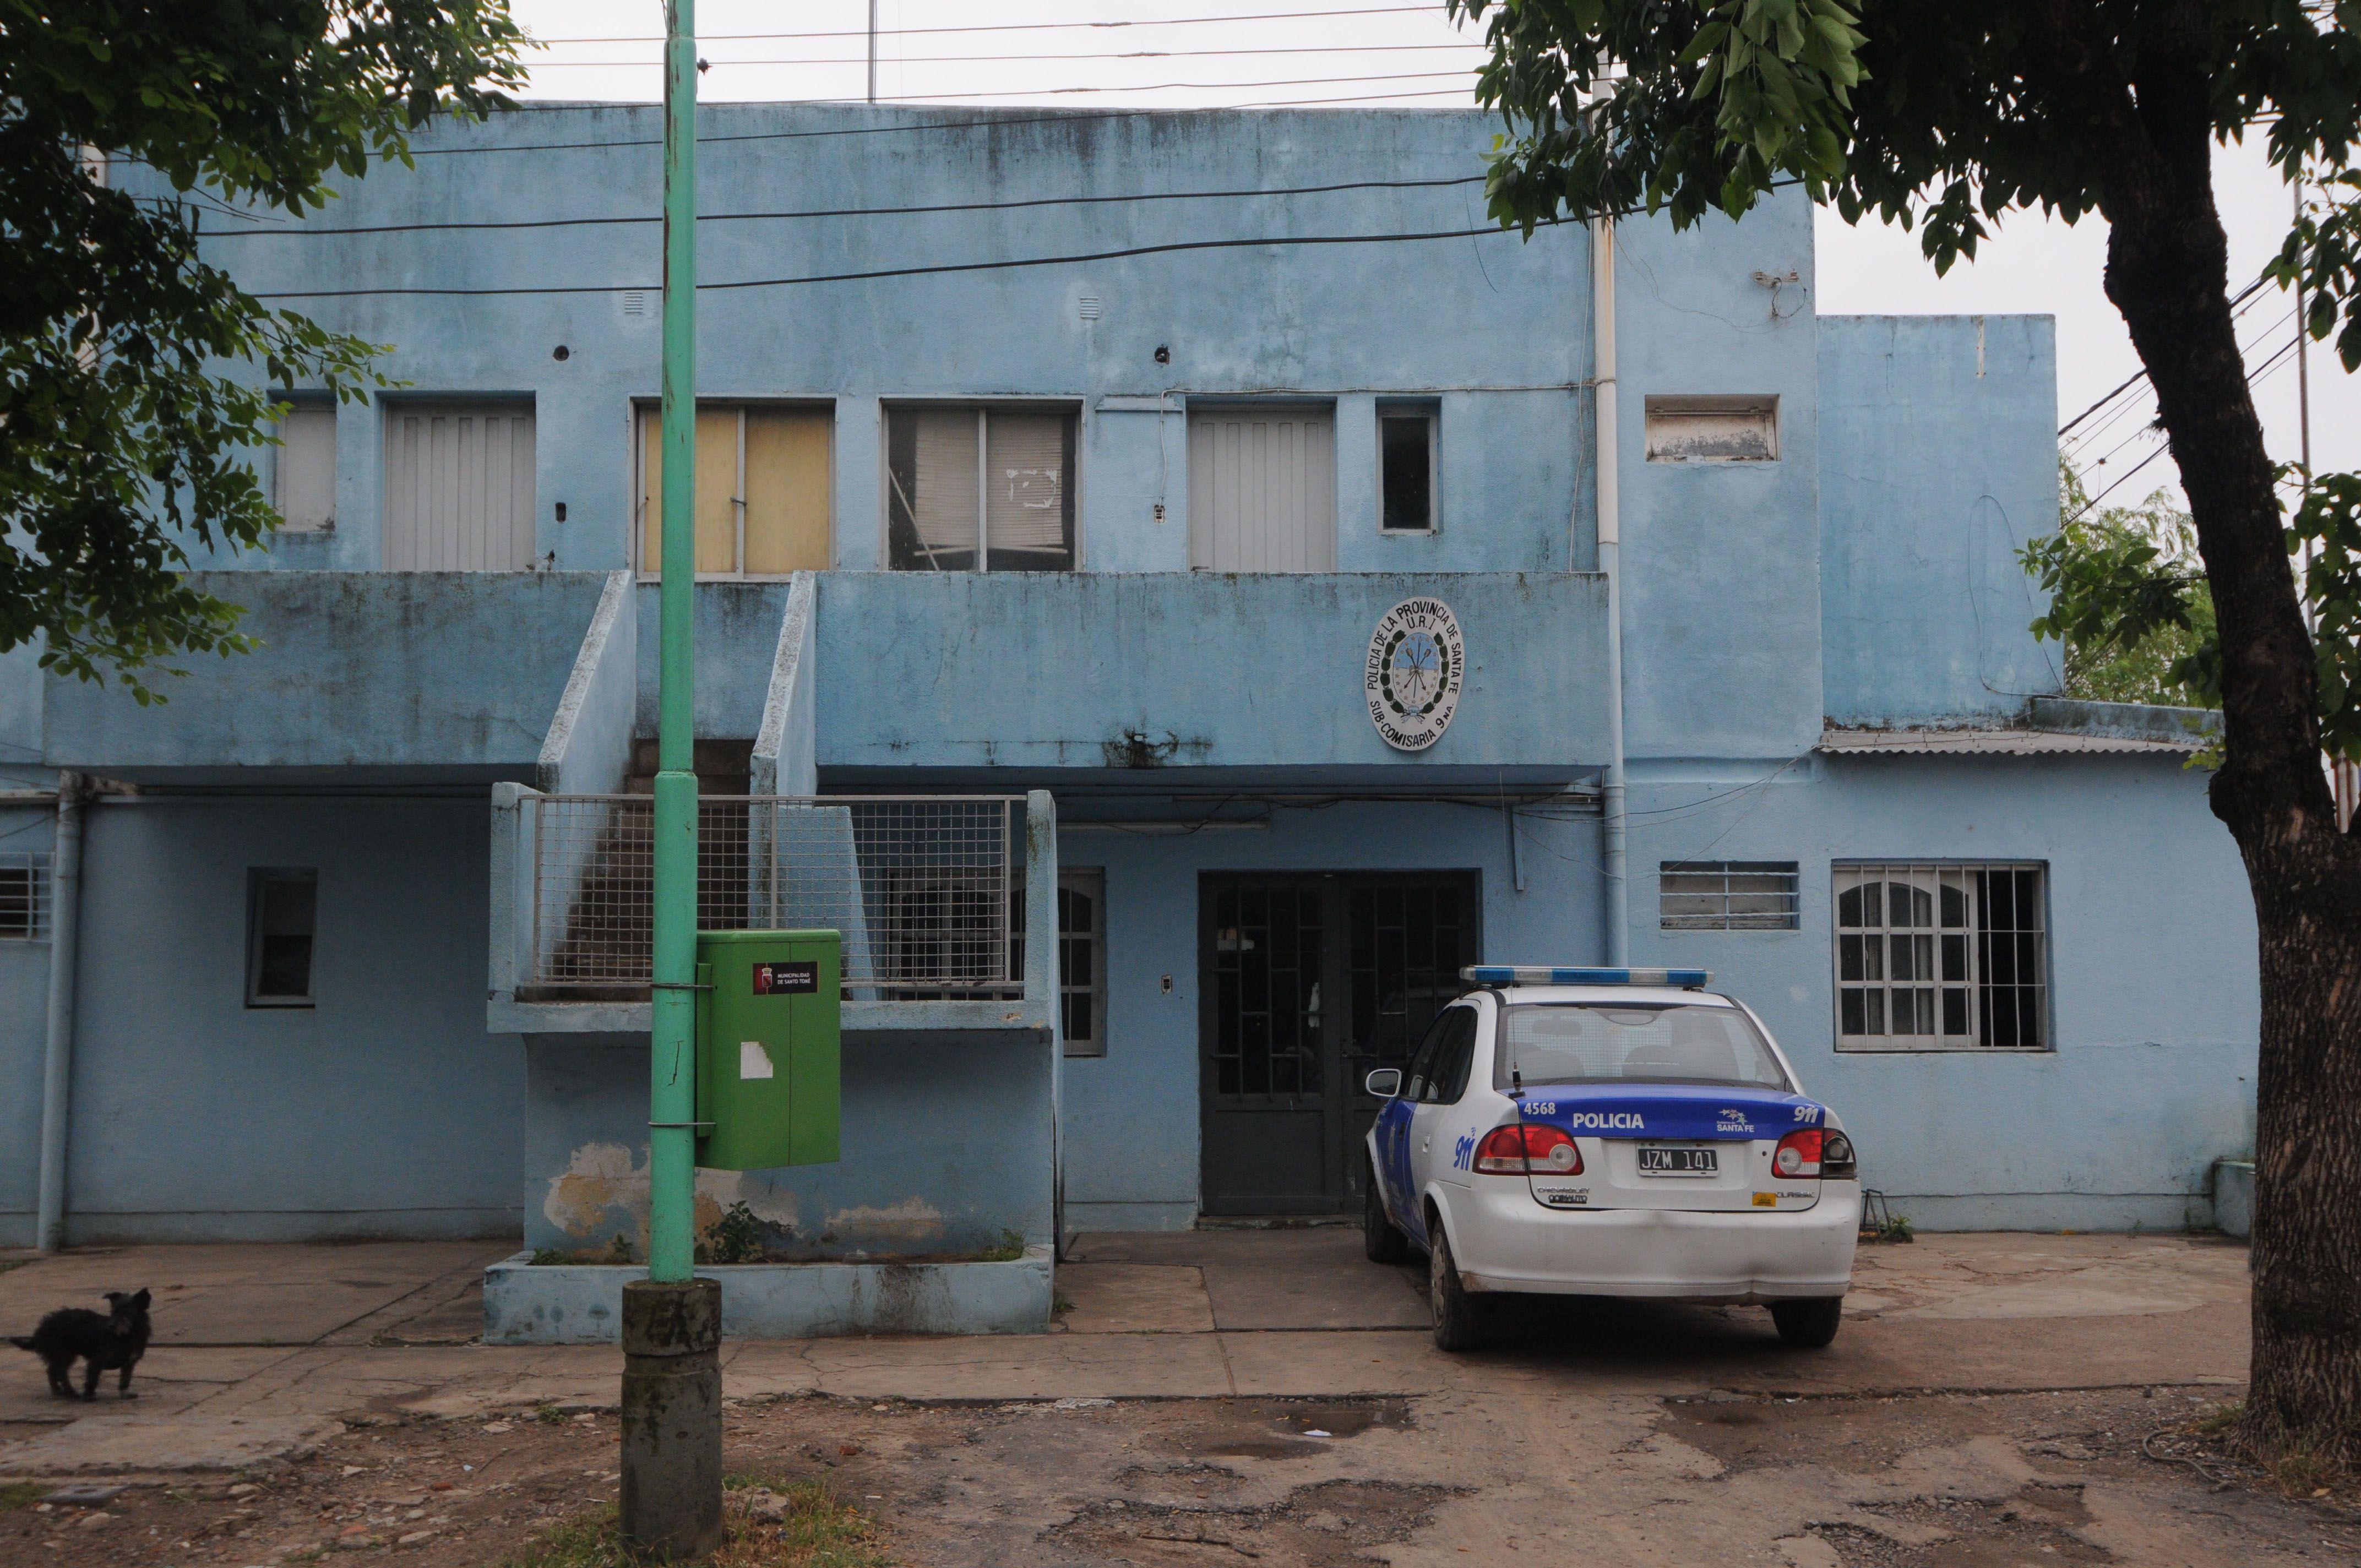 El hecho ocurrió en jurisdicción de la subcomisaría 9ª de Santo Tomé.. (Foto: Gentileza Diario Uno)